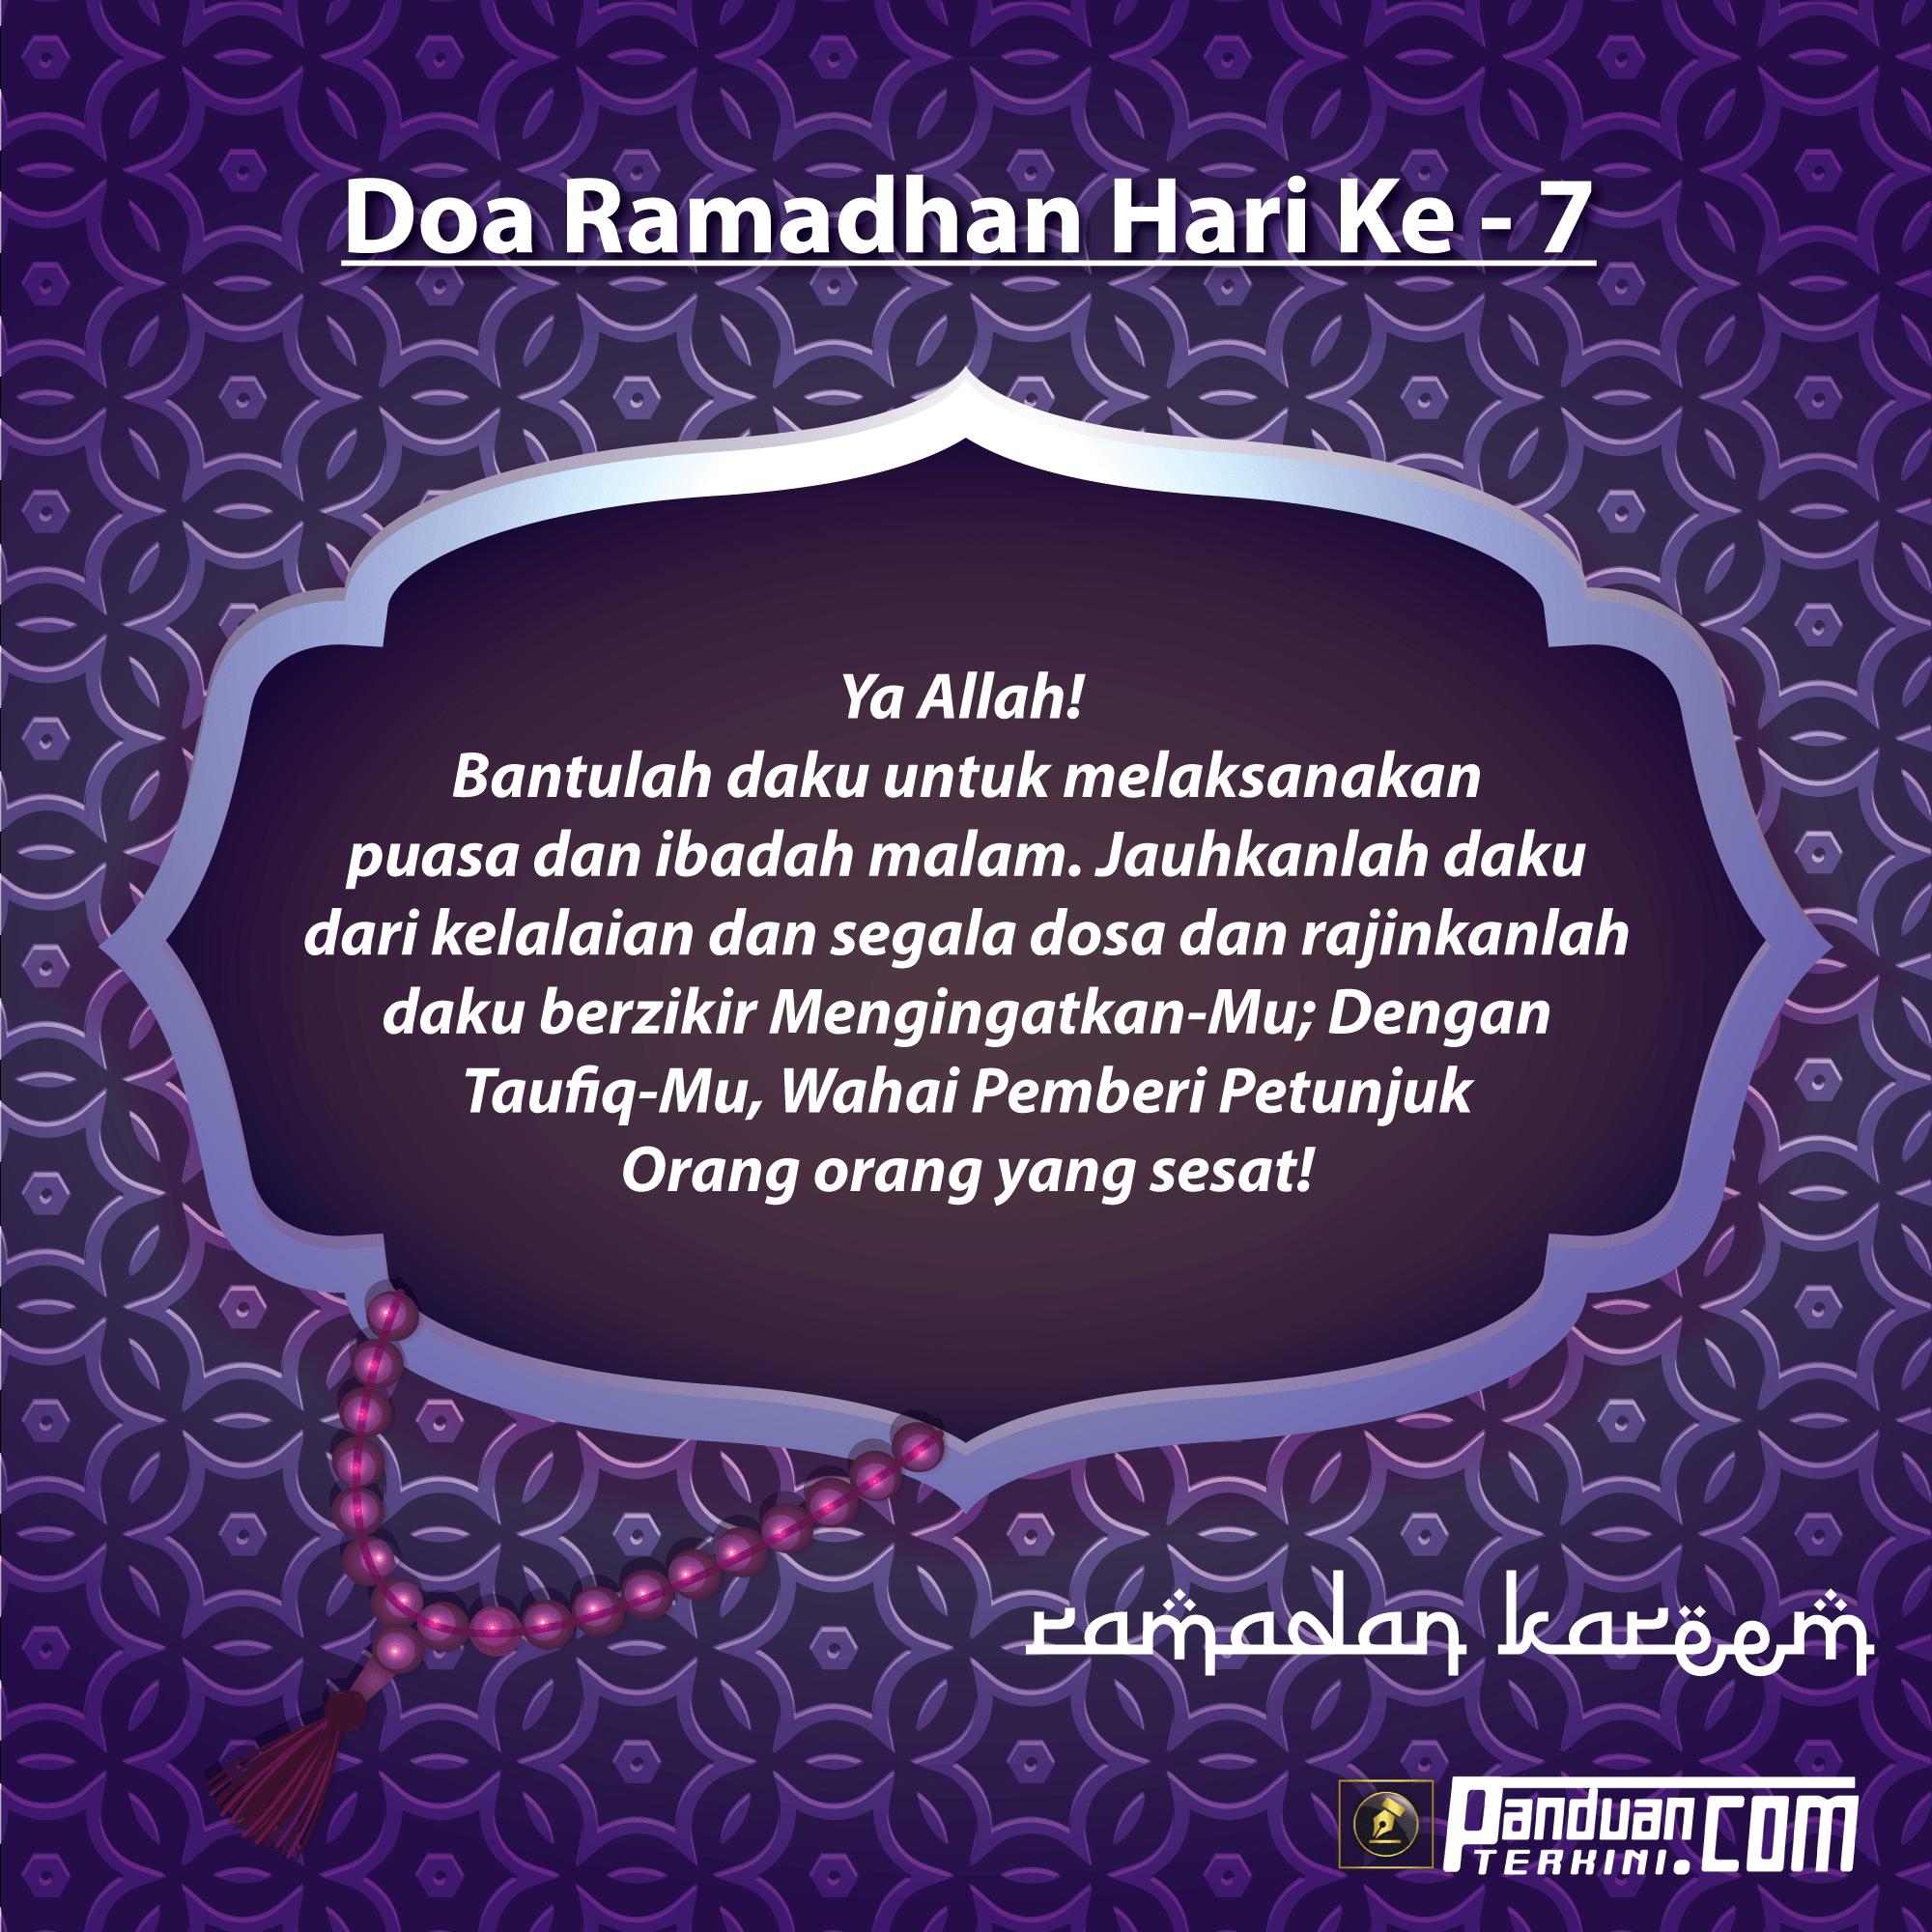 Doa Ramadhan Hari Ke-7